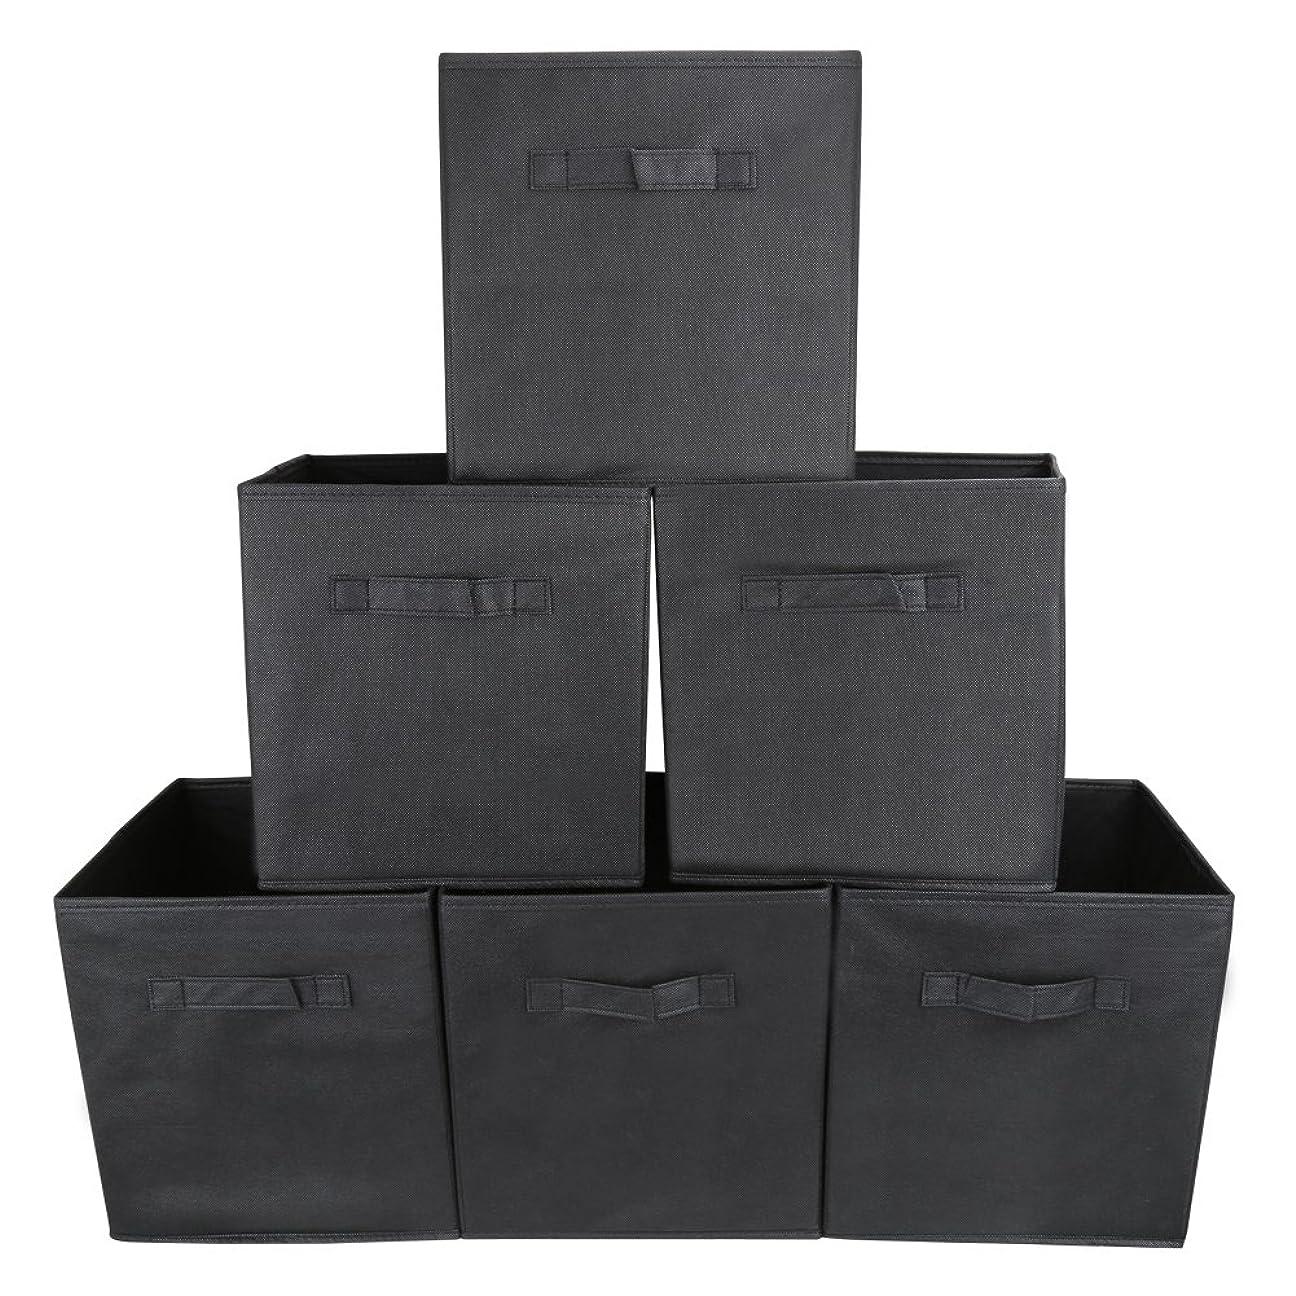 切断する大脳エジプト人EZOWare 衣類 ソックス おもちゃ収納ボックス 深型インナーボックス 不織布製 幅27x奥行27x高さ28cm 6個セット ブラック